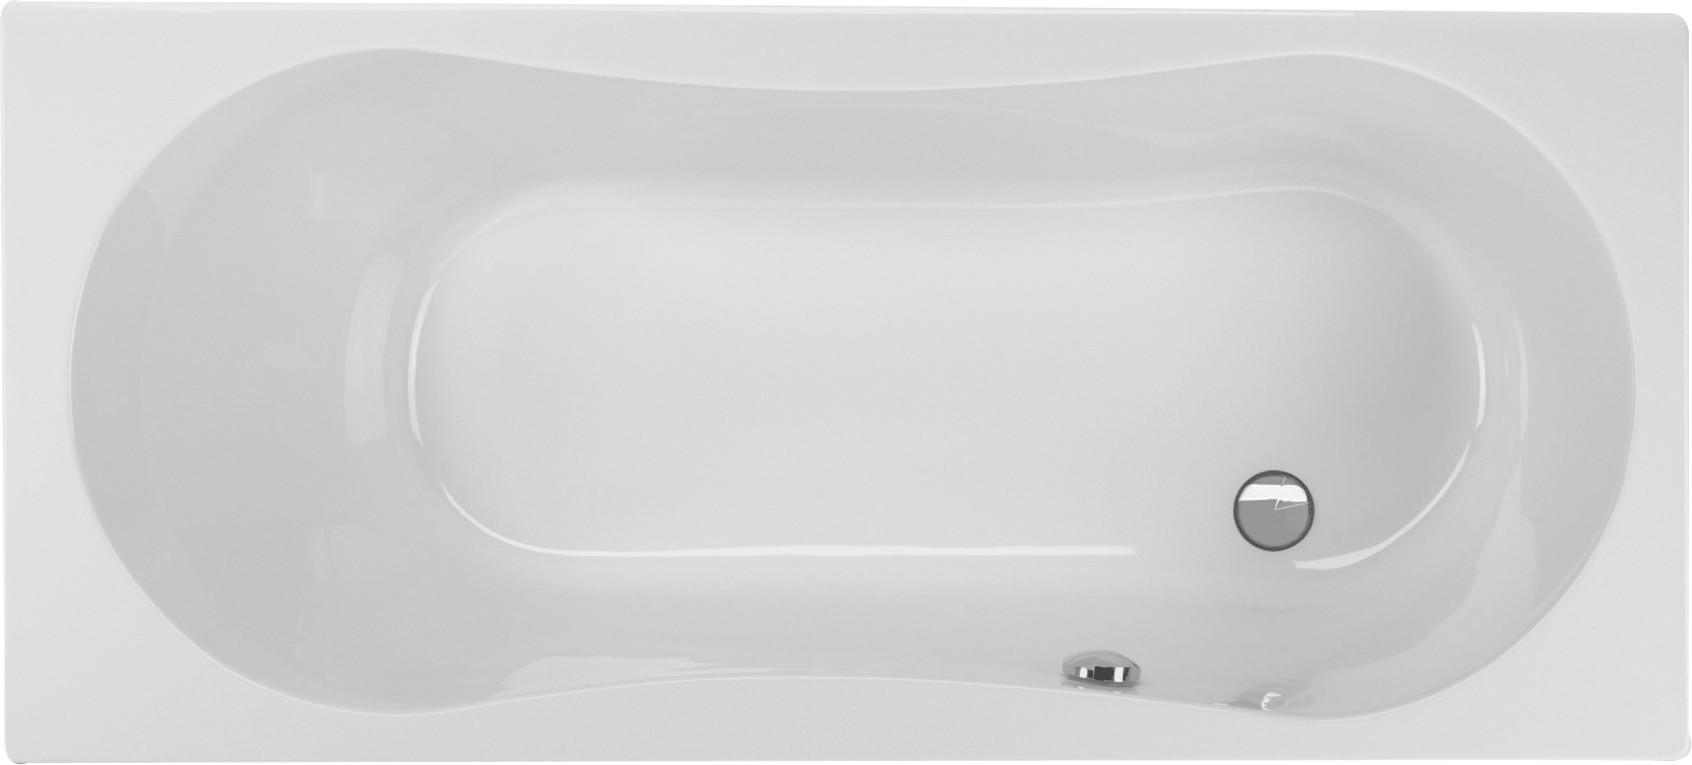 Badewanne mit Dusche 170 x 75 x 43,5 cm | Bad Heizung Design